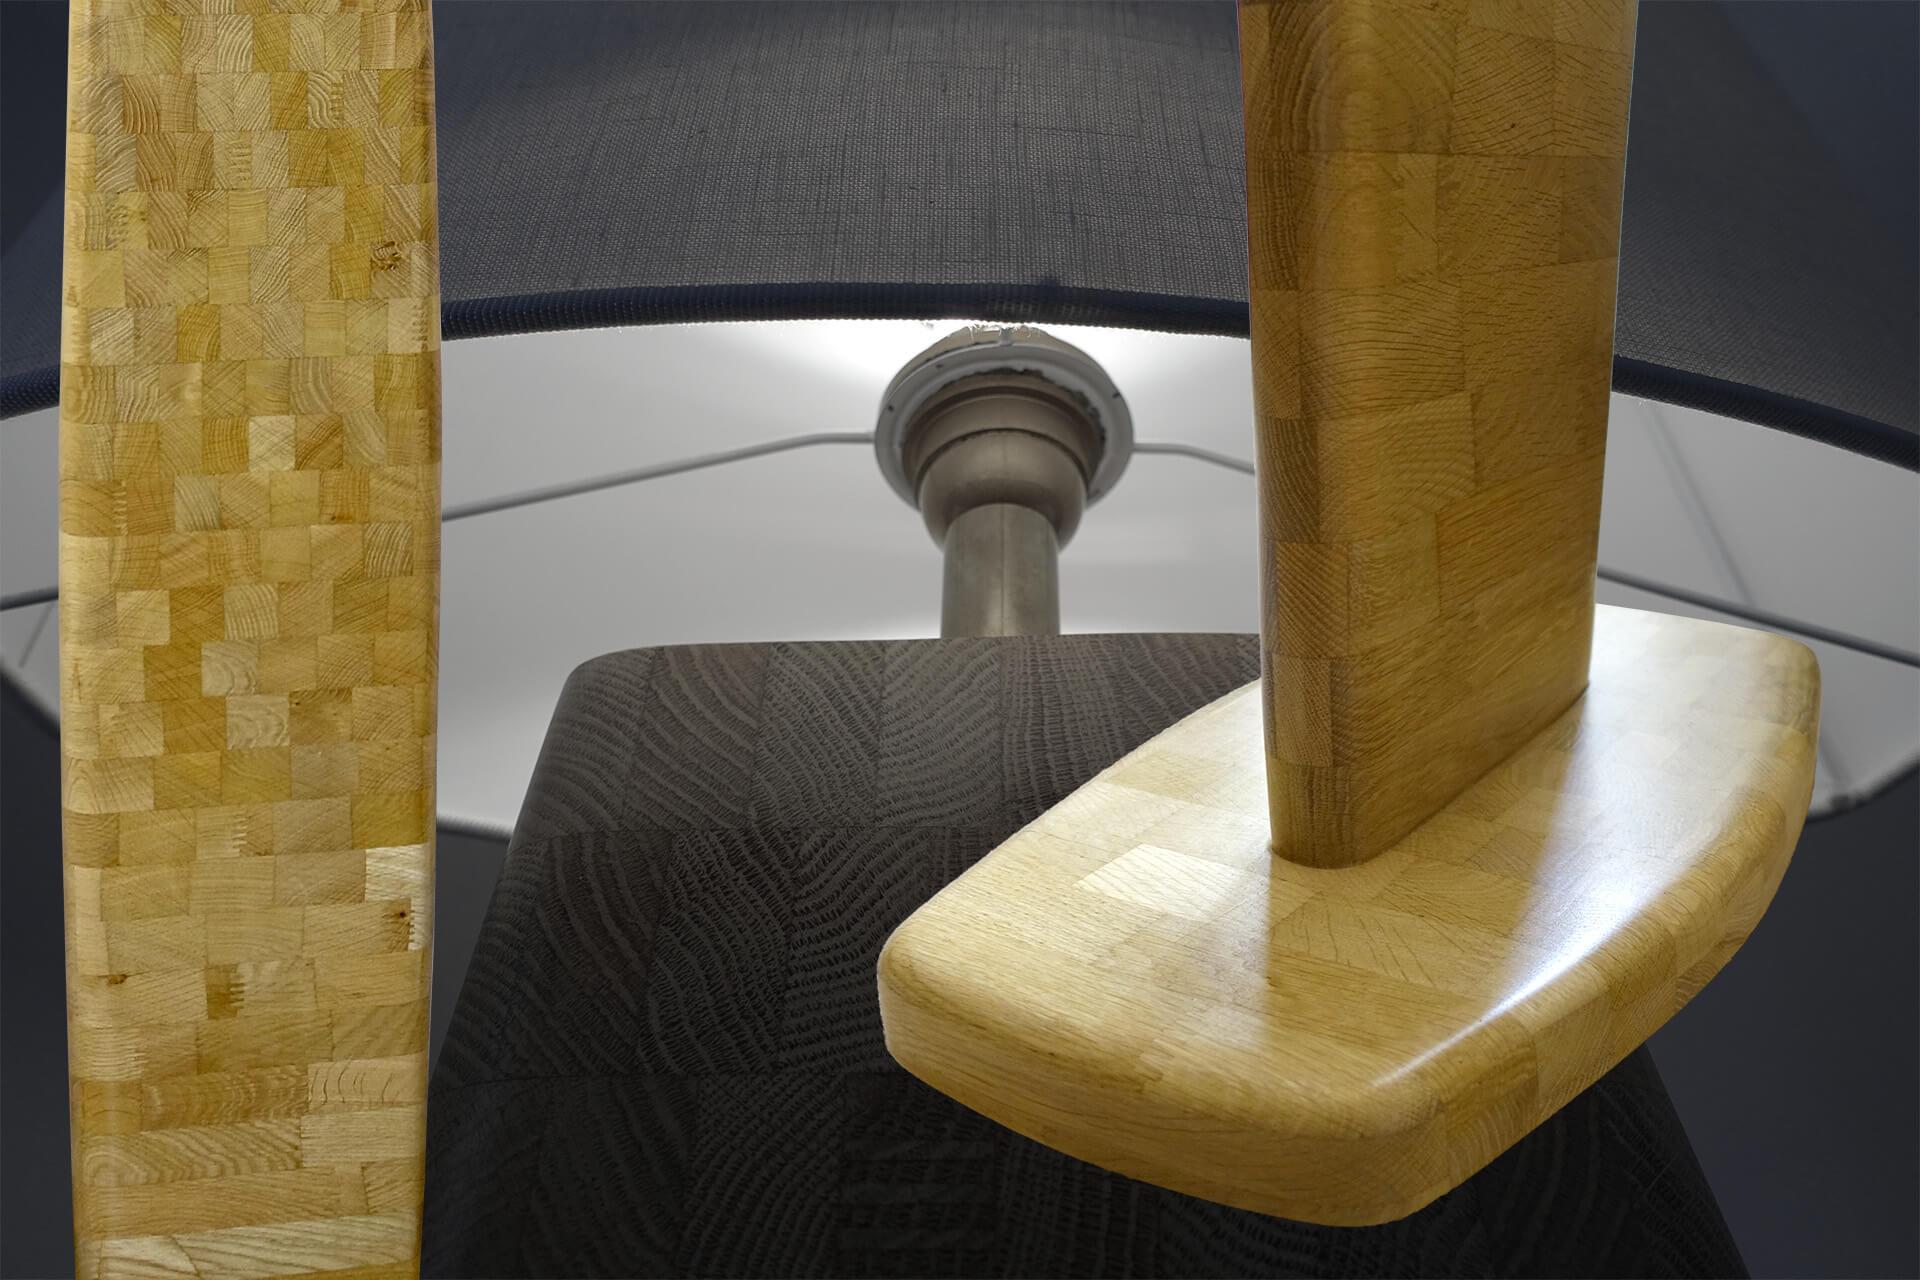 Il Migliore Lampada Uv Per Acqua Stock Di Lampada Design